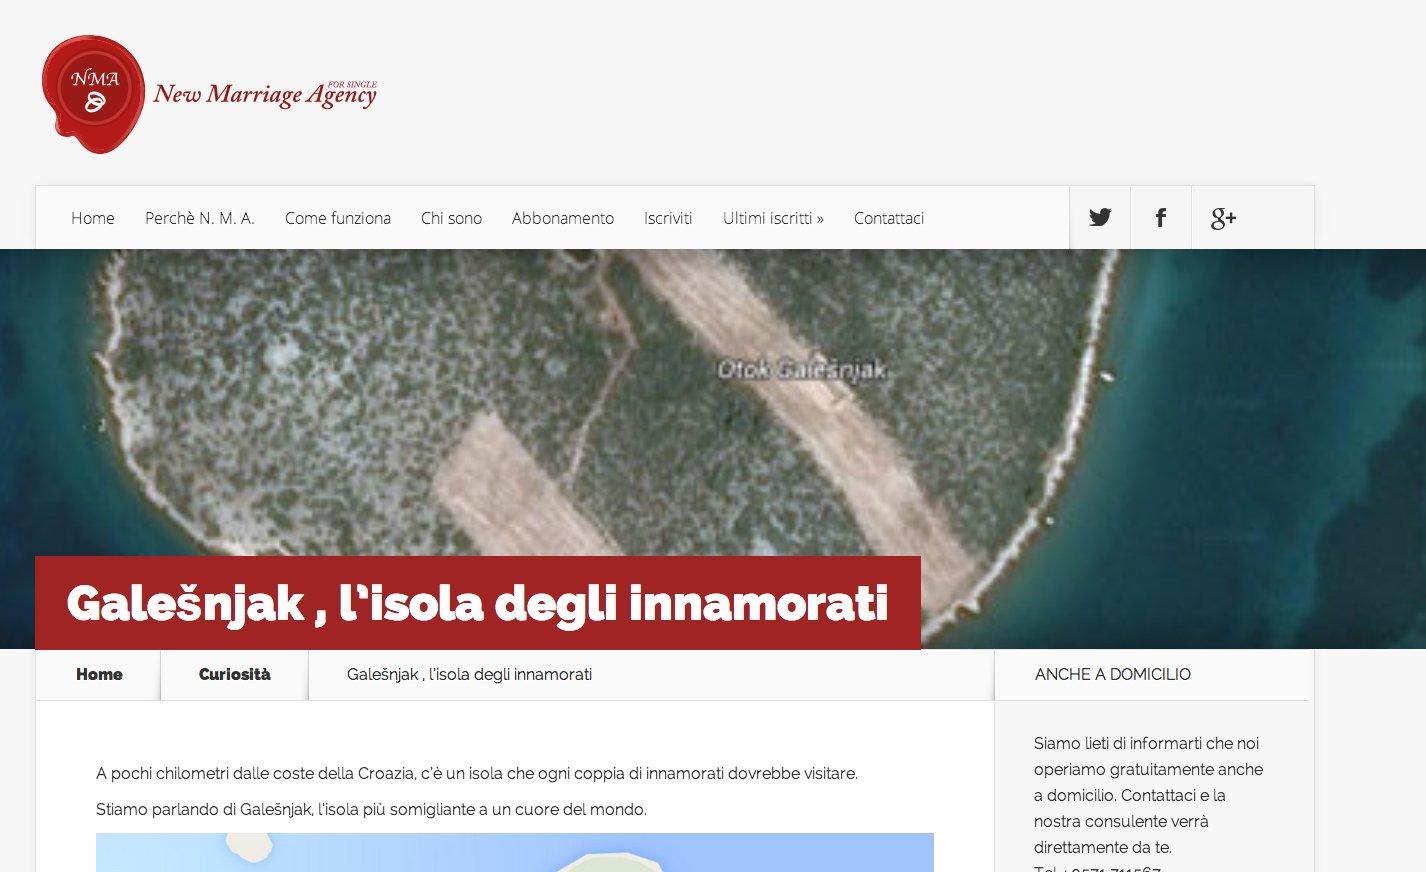 Galešnjak , l'isola degli innamorati